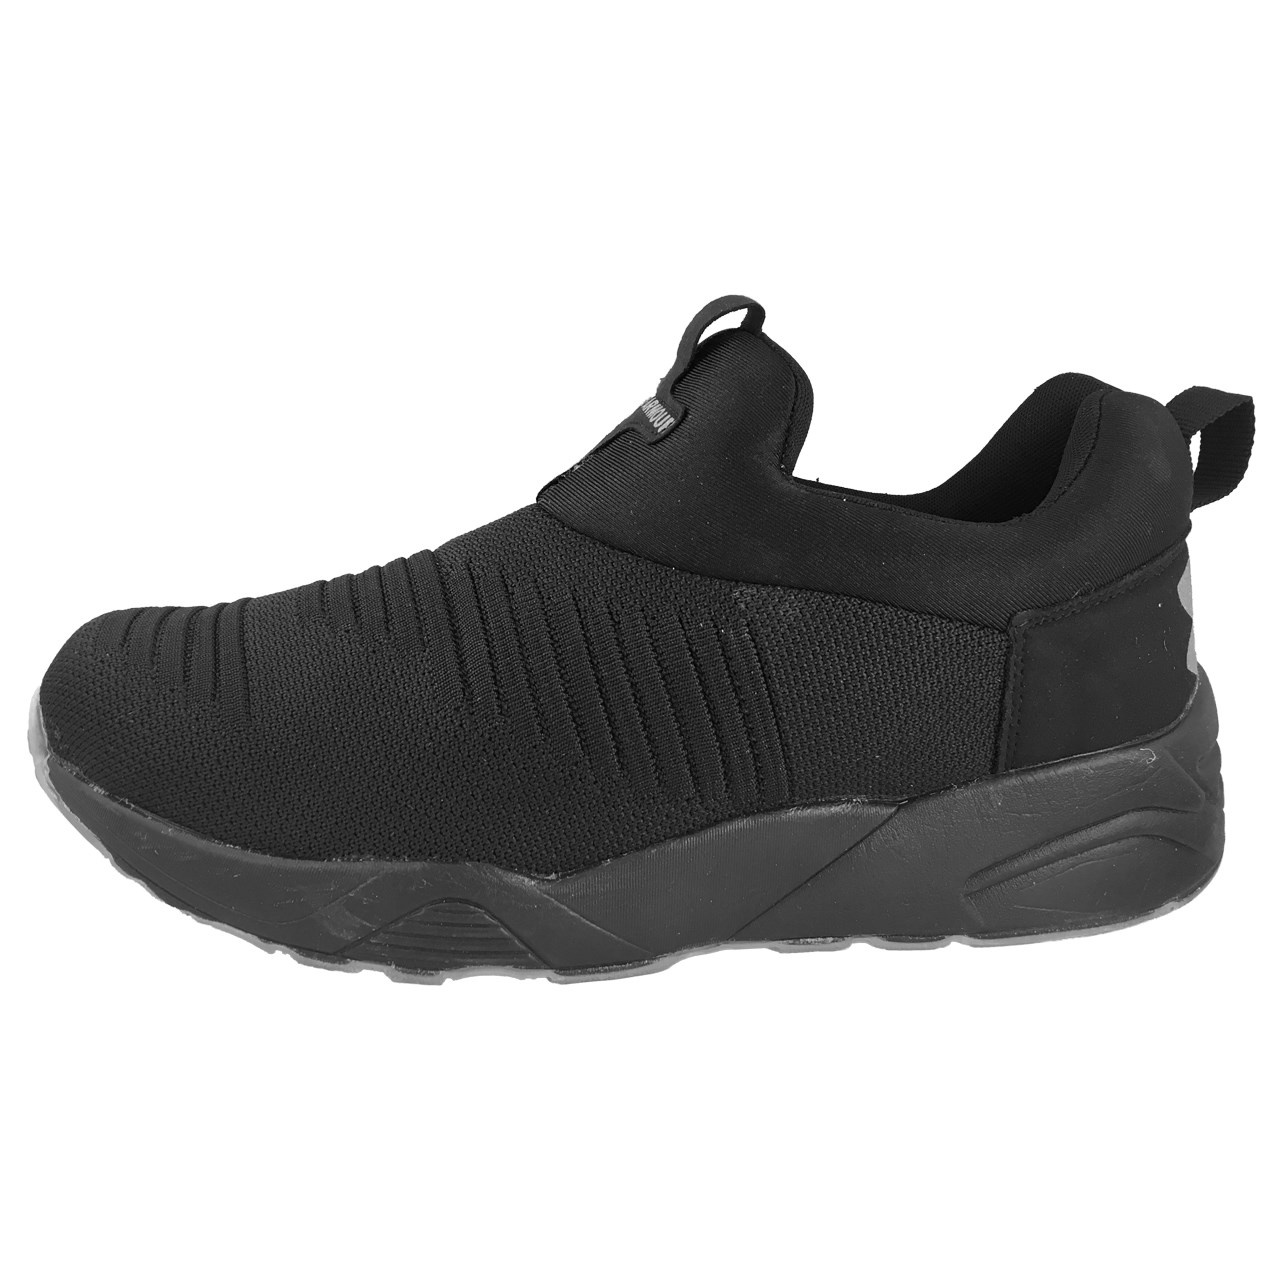 کفش راحتی مردانه دیاموند مدل 1408